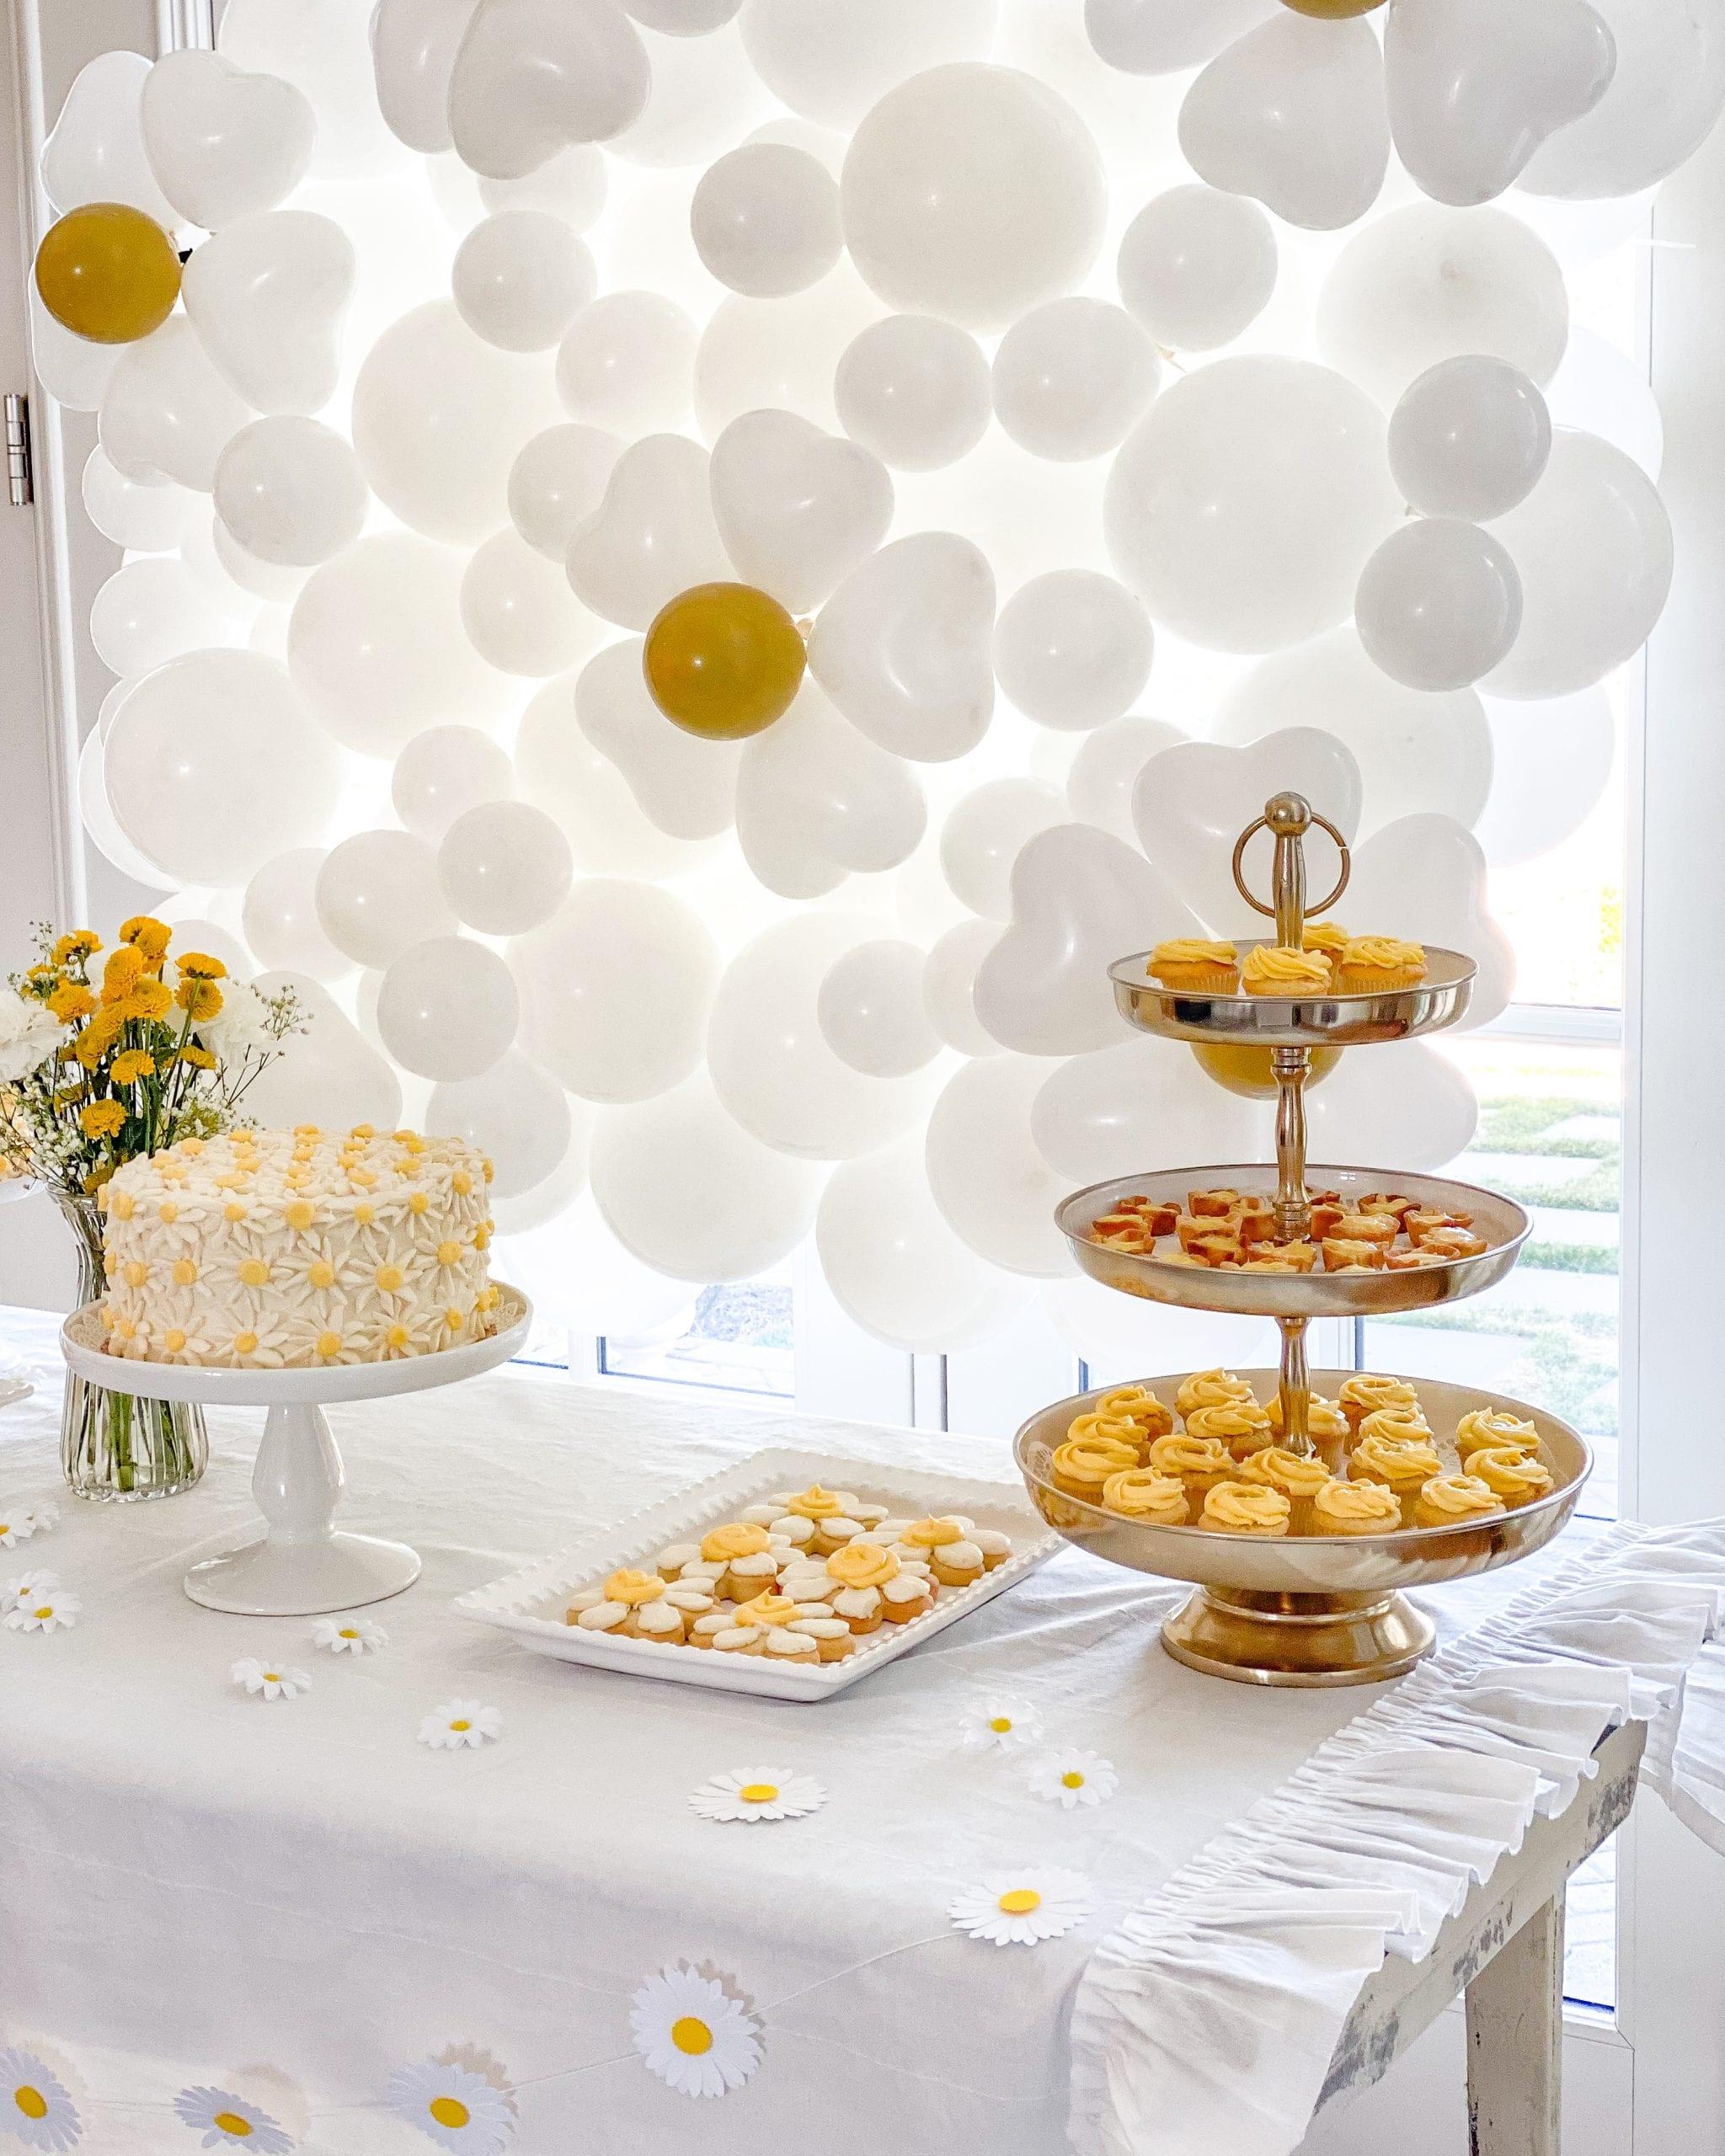 lemon tarts dessert table